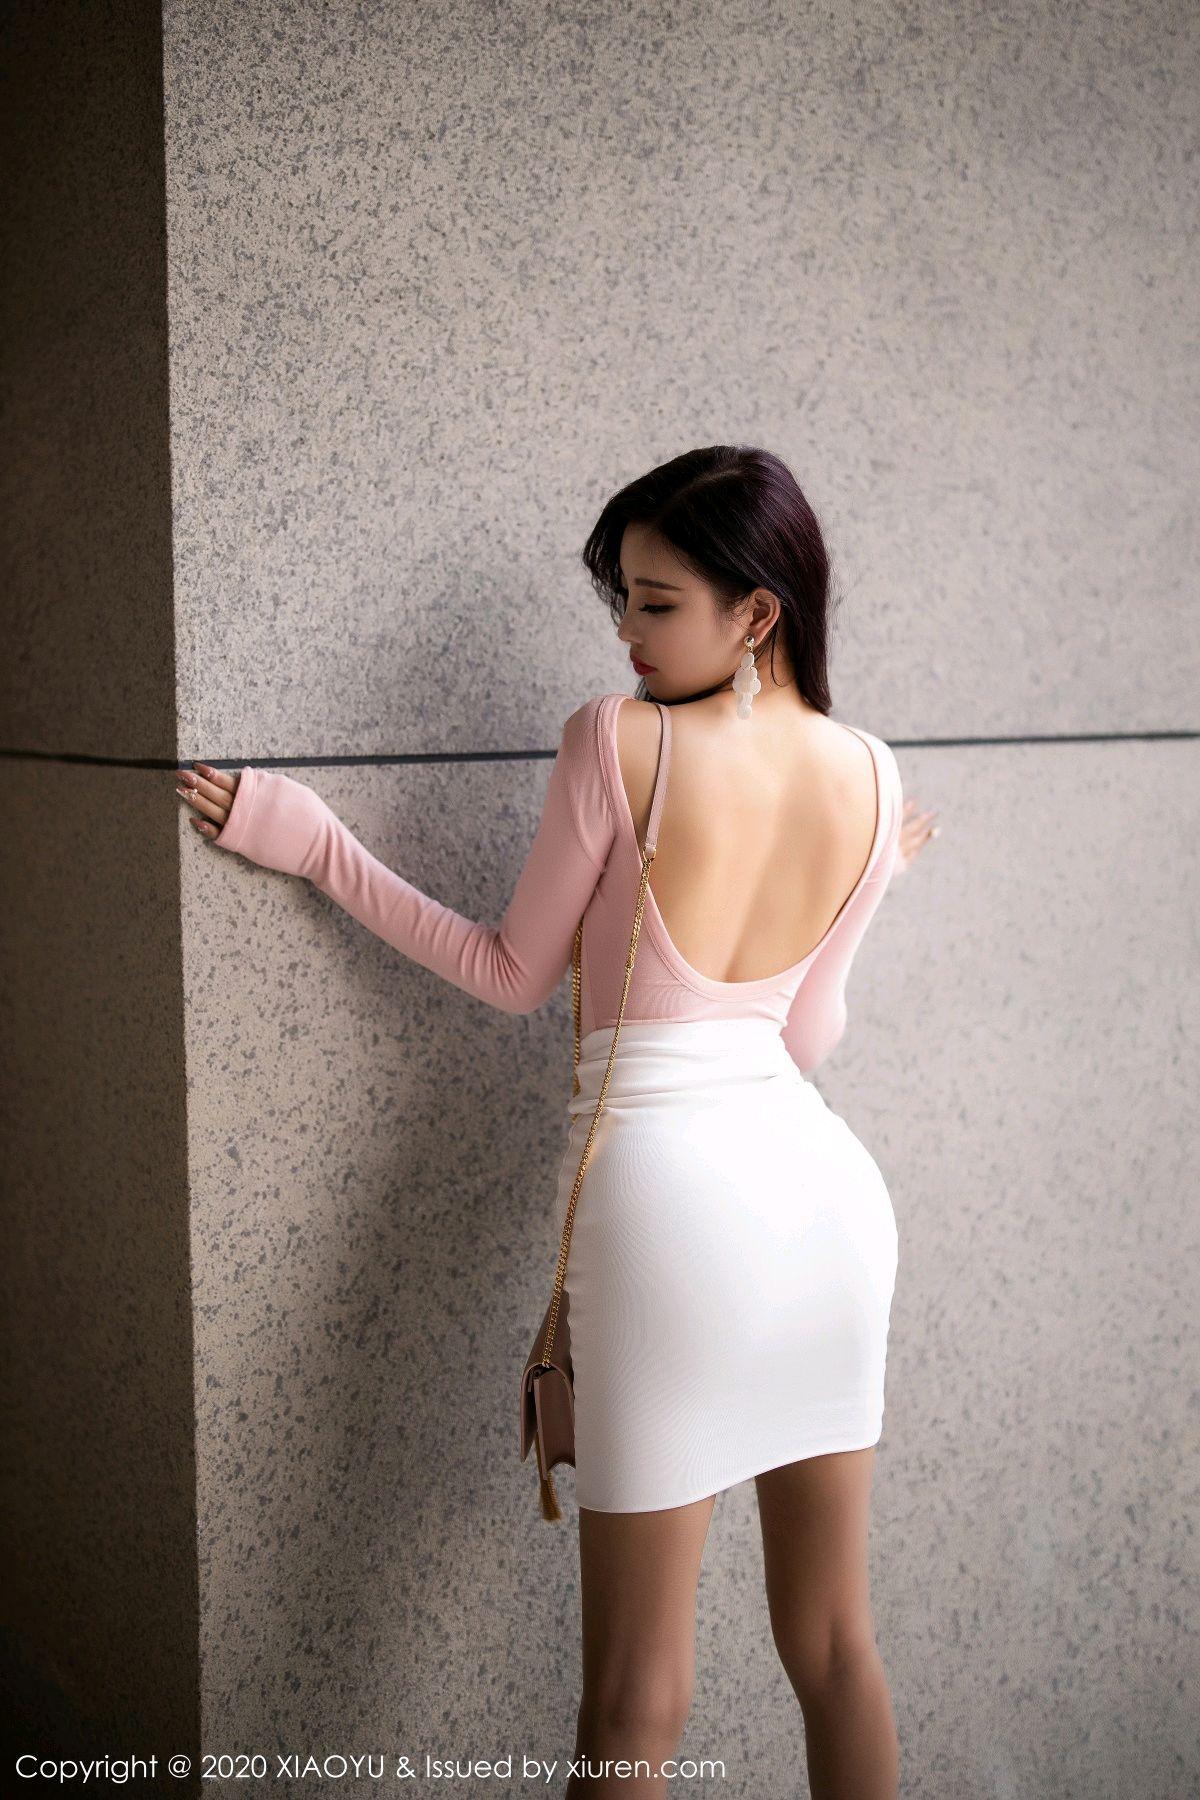 [XiaoYu] Vol.310 Yang Chen Chen 48P, Street, XiaoYu, Yang Chen Chen